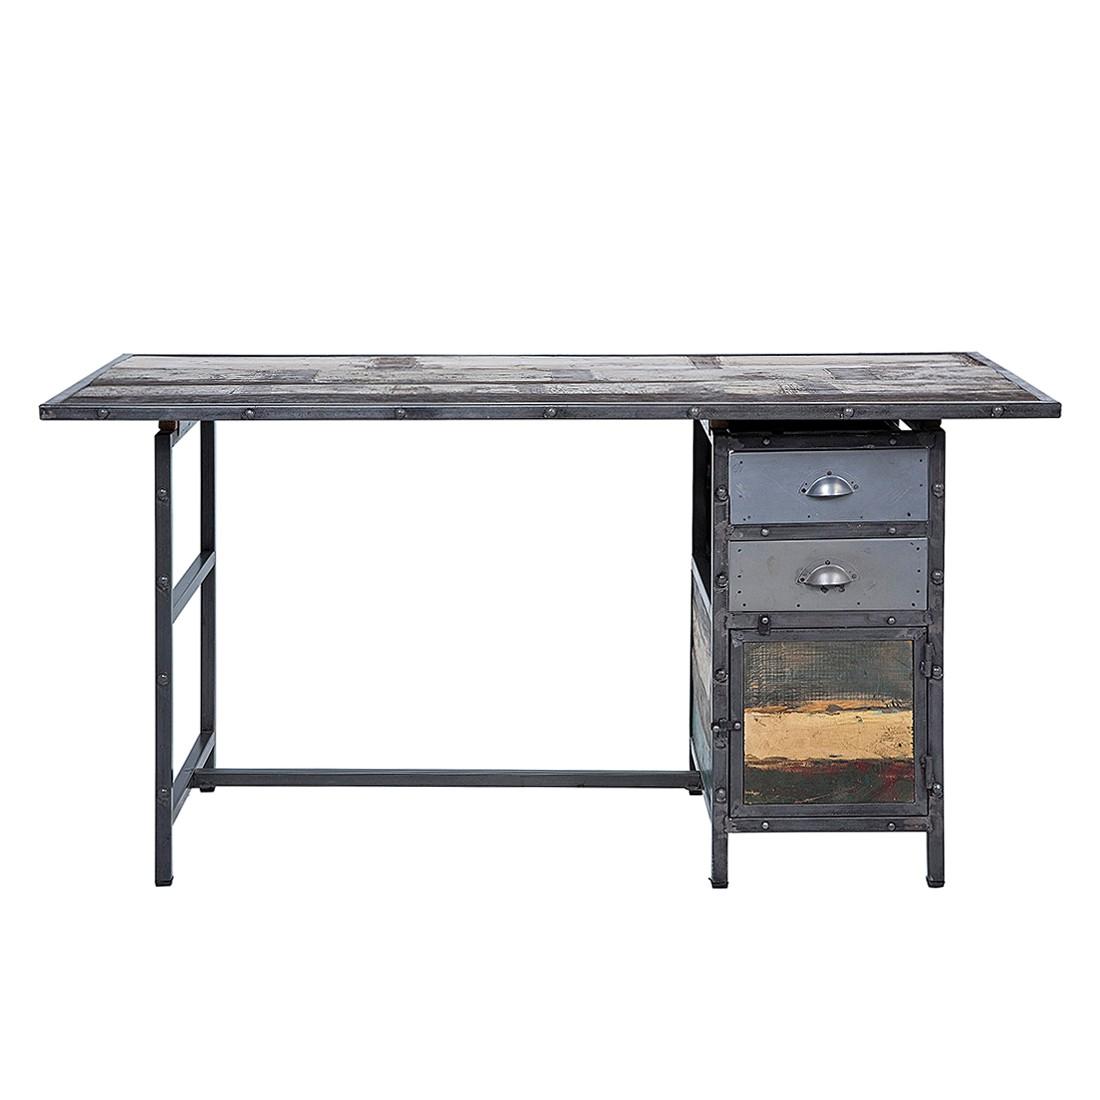 schreibtisch metall preis vergleich 2016. Black Bedroom Furniture Sets. Home Design Ideas